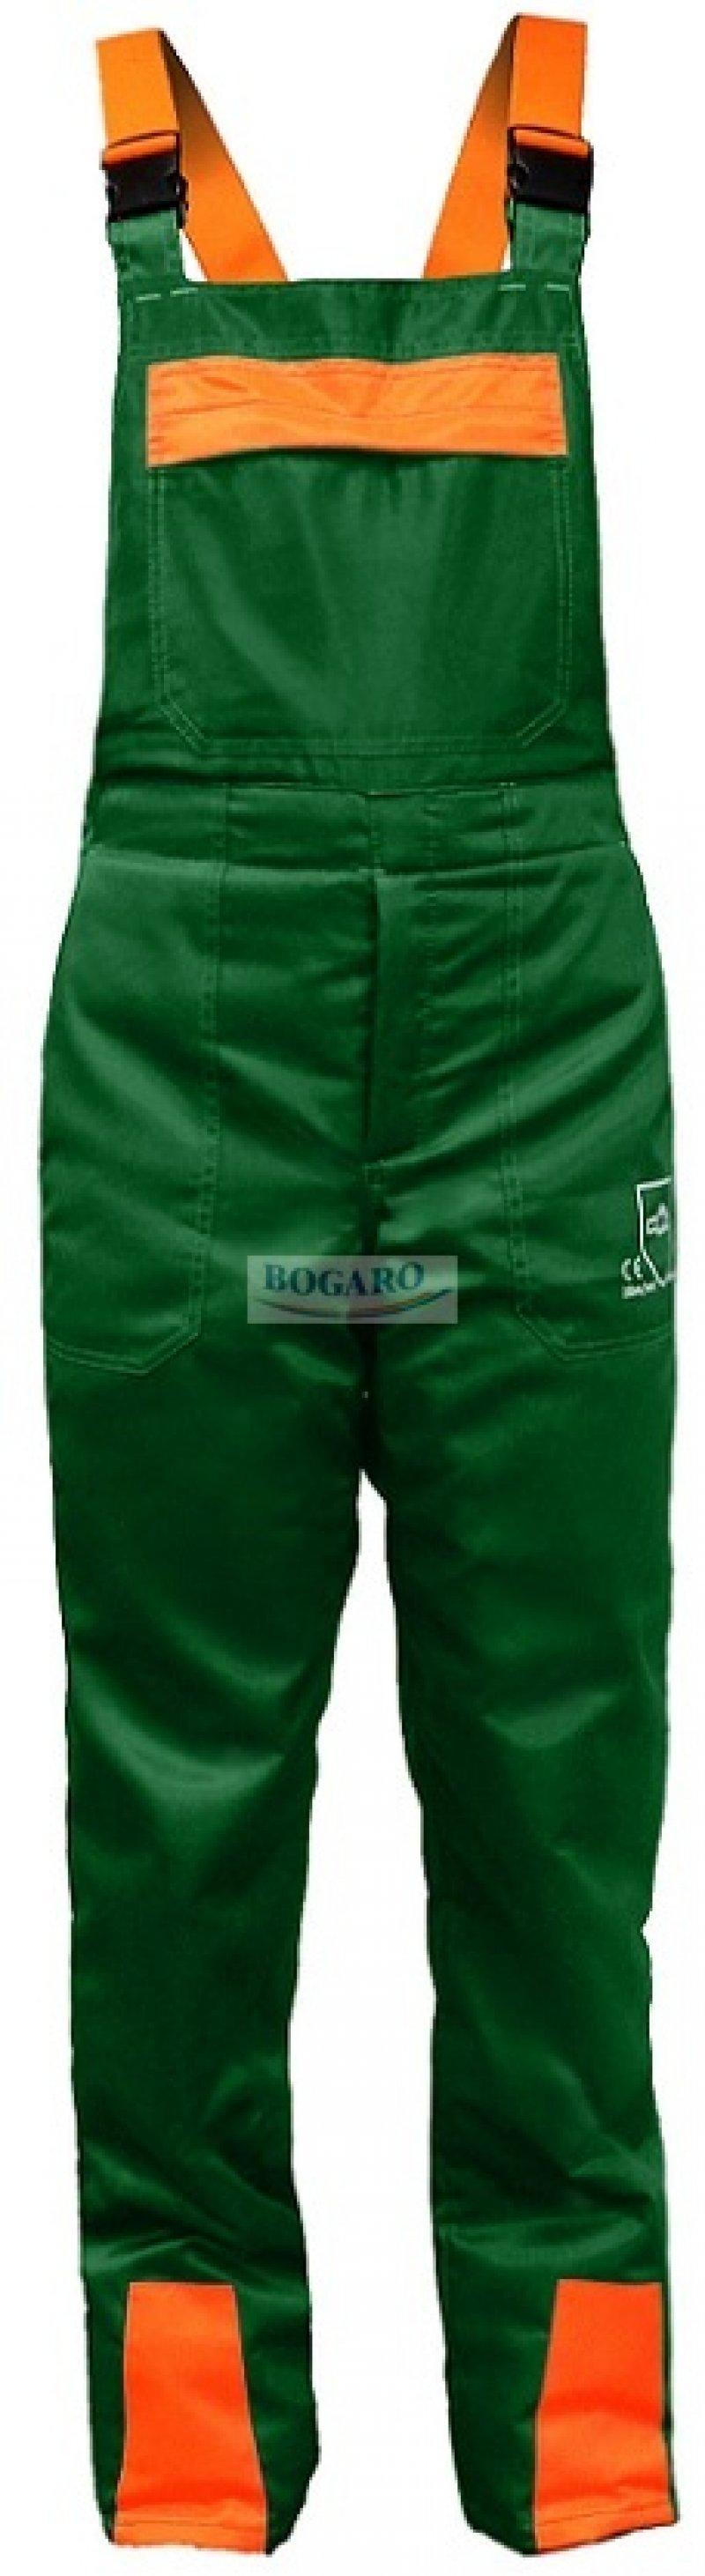 15c5fa35807b1e Sklep BHP: odzież robocza rękawice buty ochronne - Spodnie ...